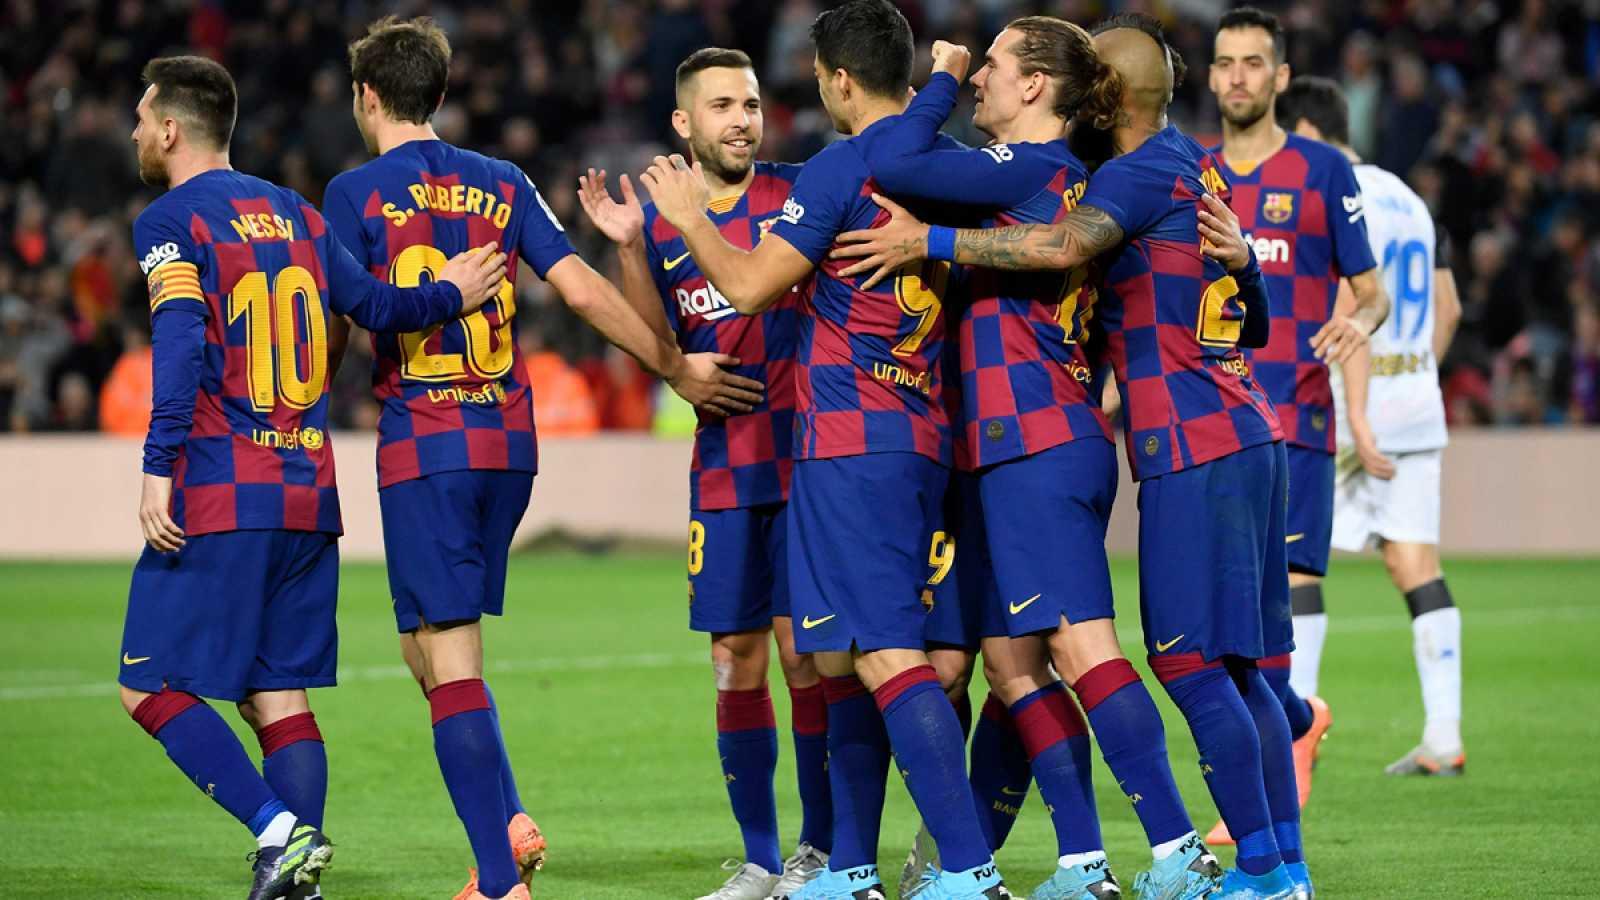 La plantilla del Barça, la mejor pagada del mundo